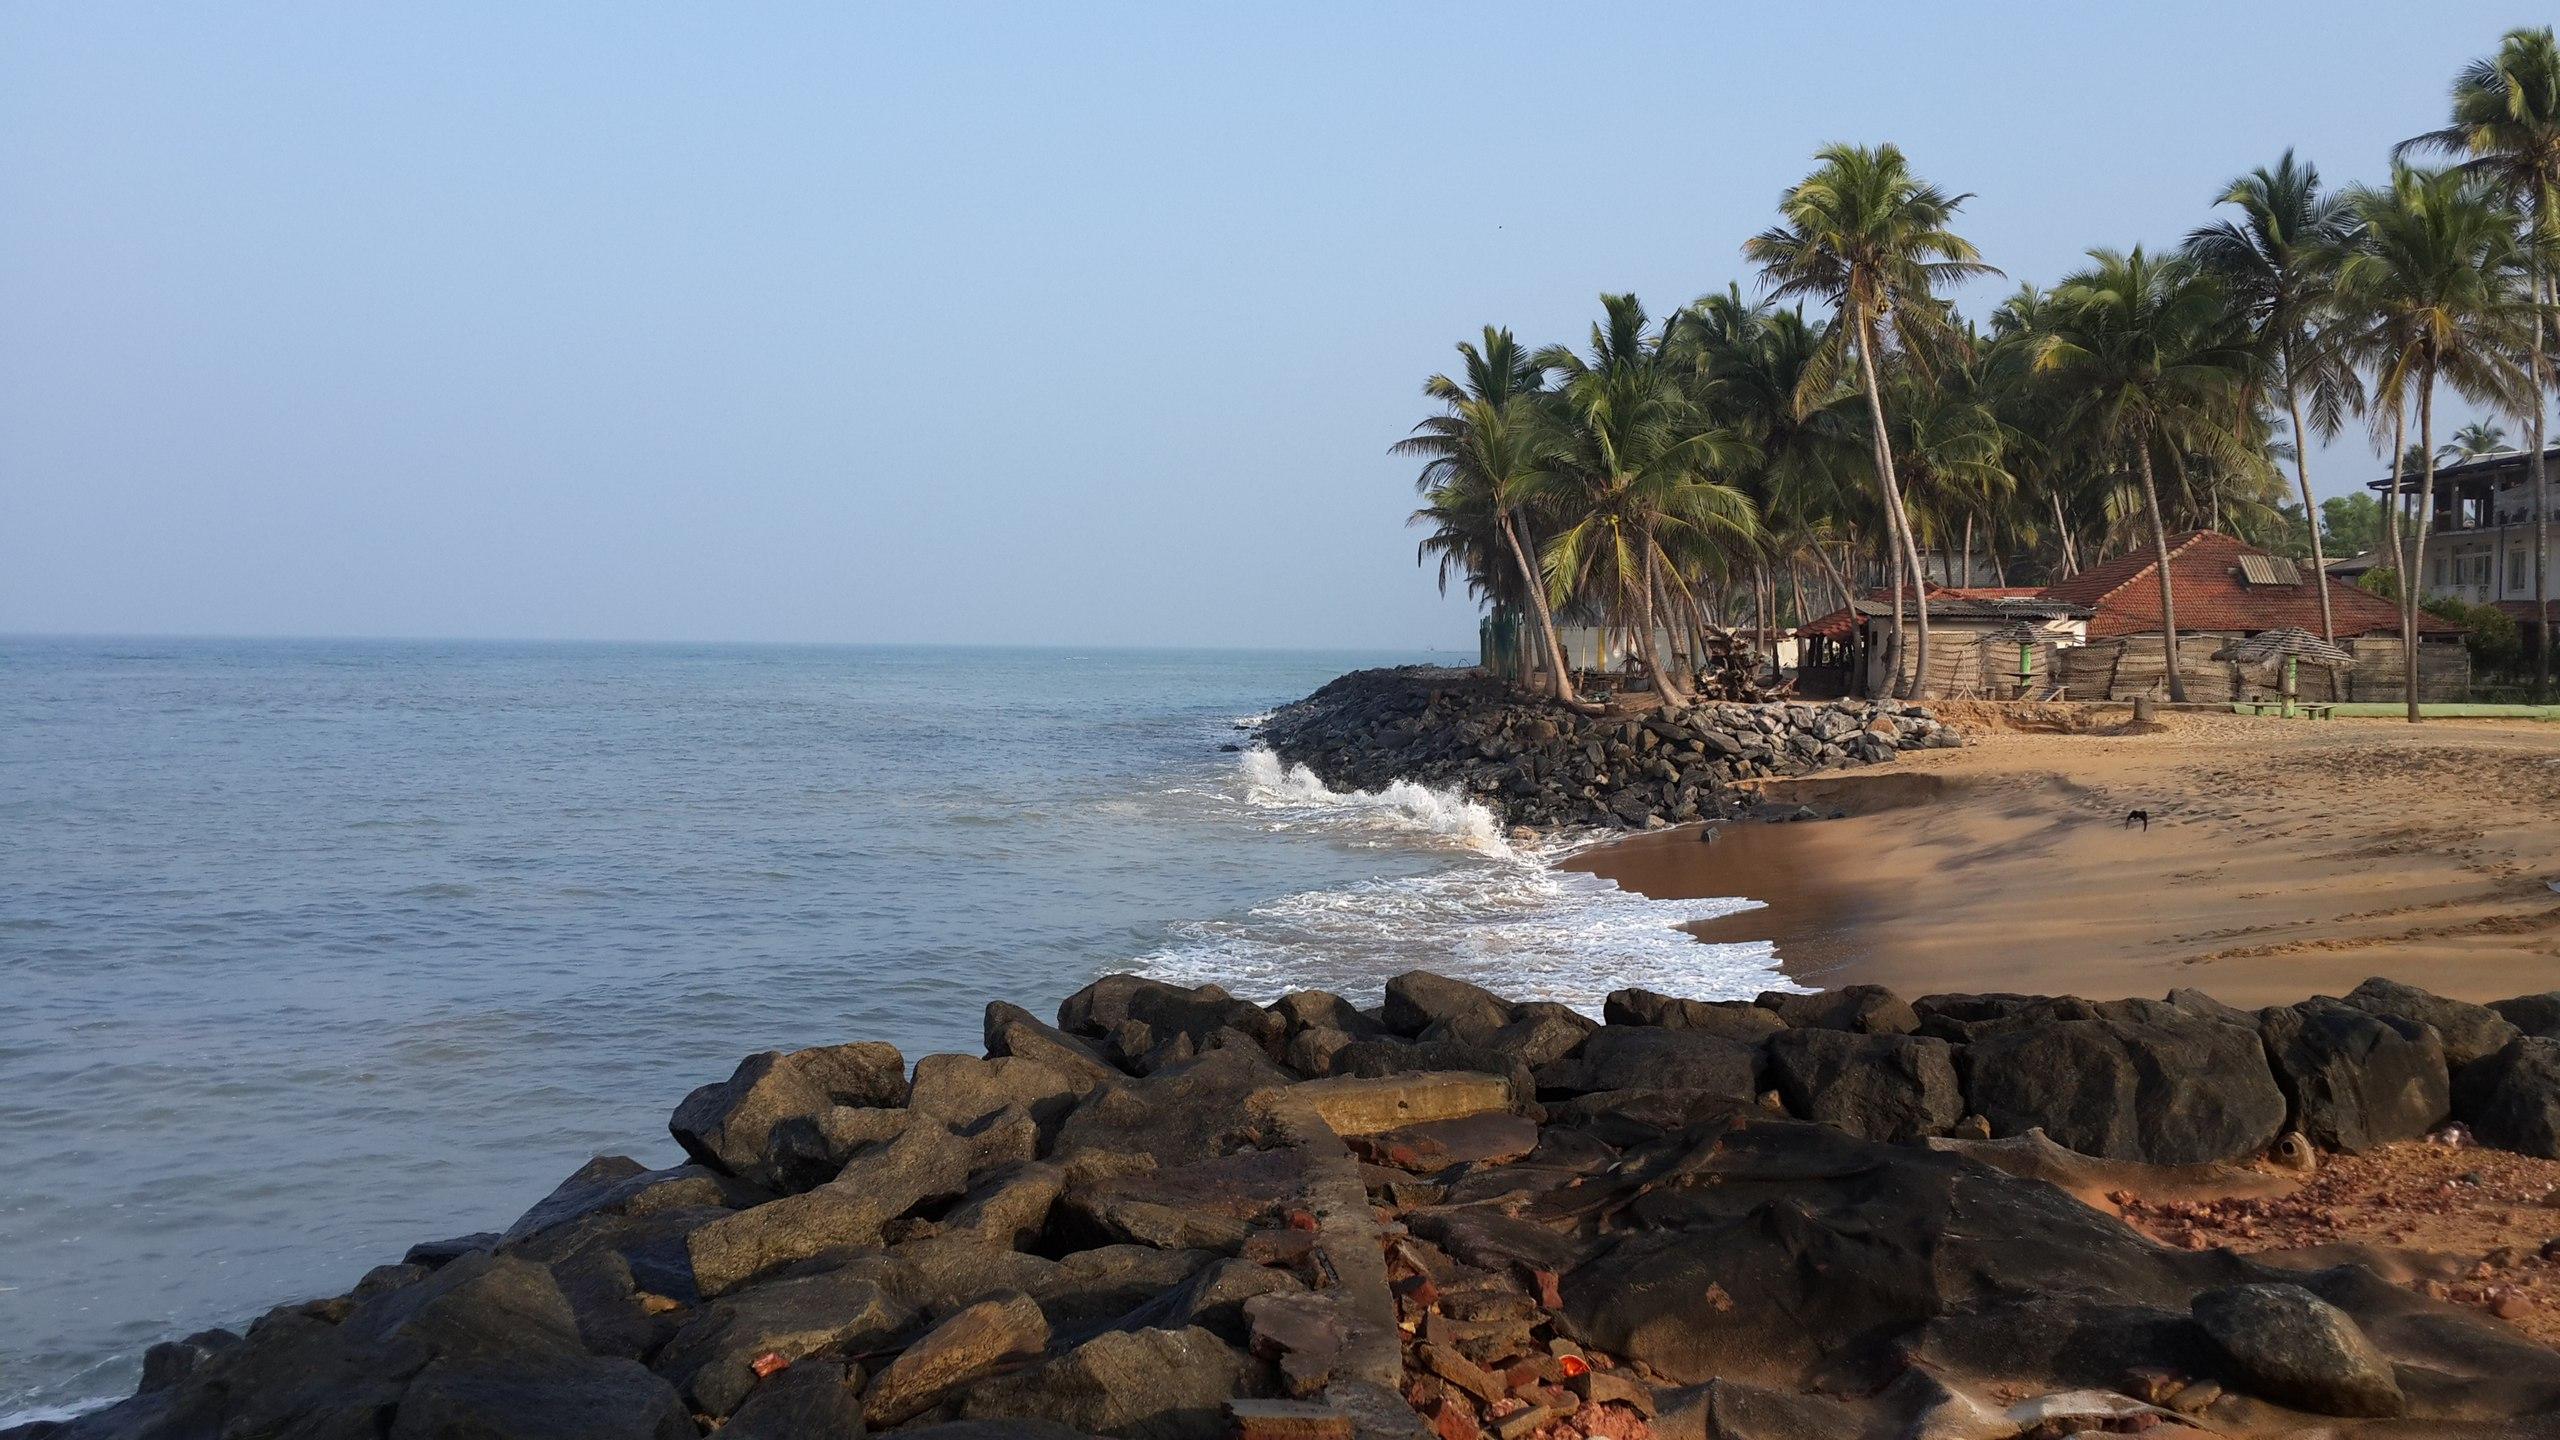 Наш пляж возле отеля. Шри-Ланка, ноябрь 2016